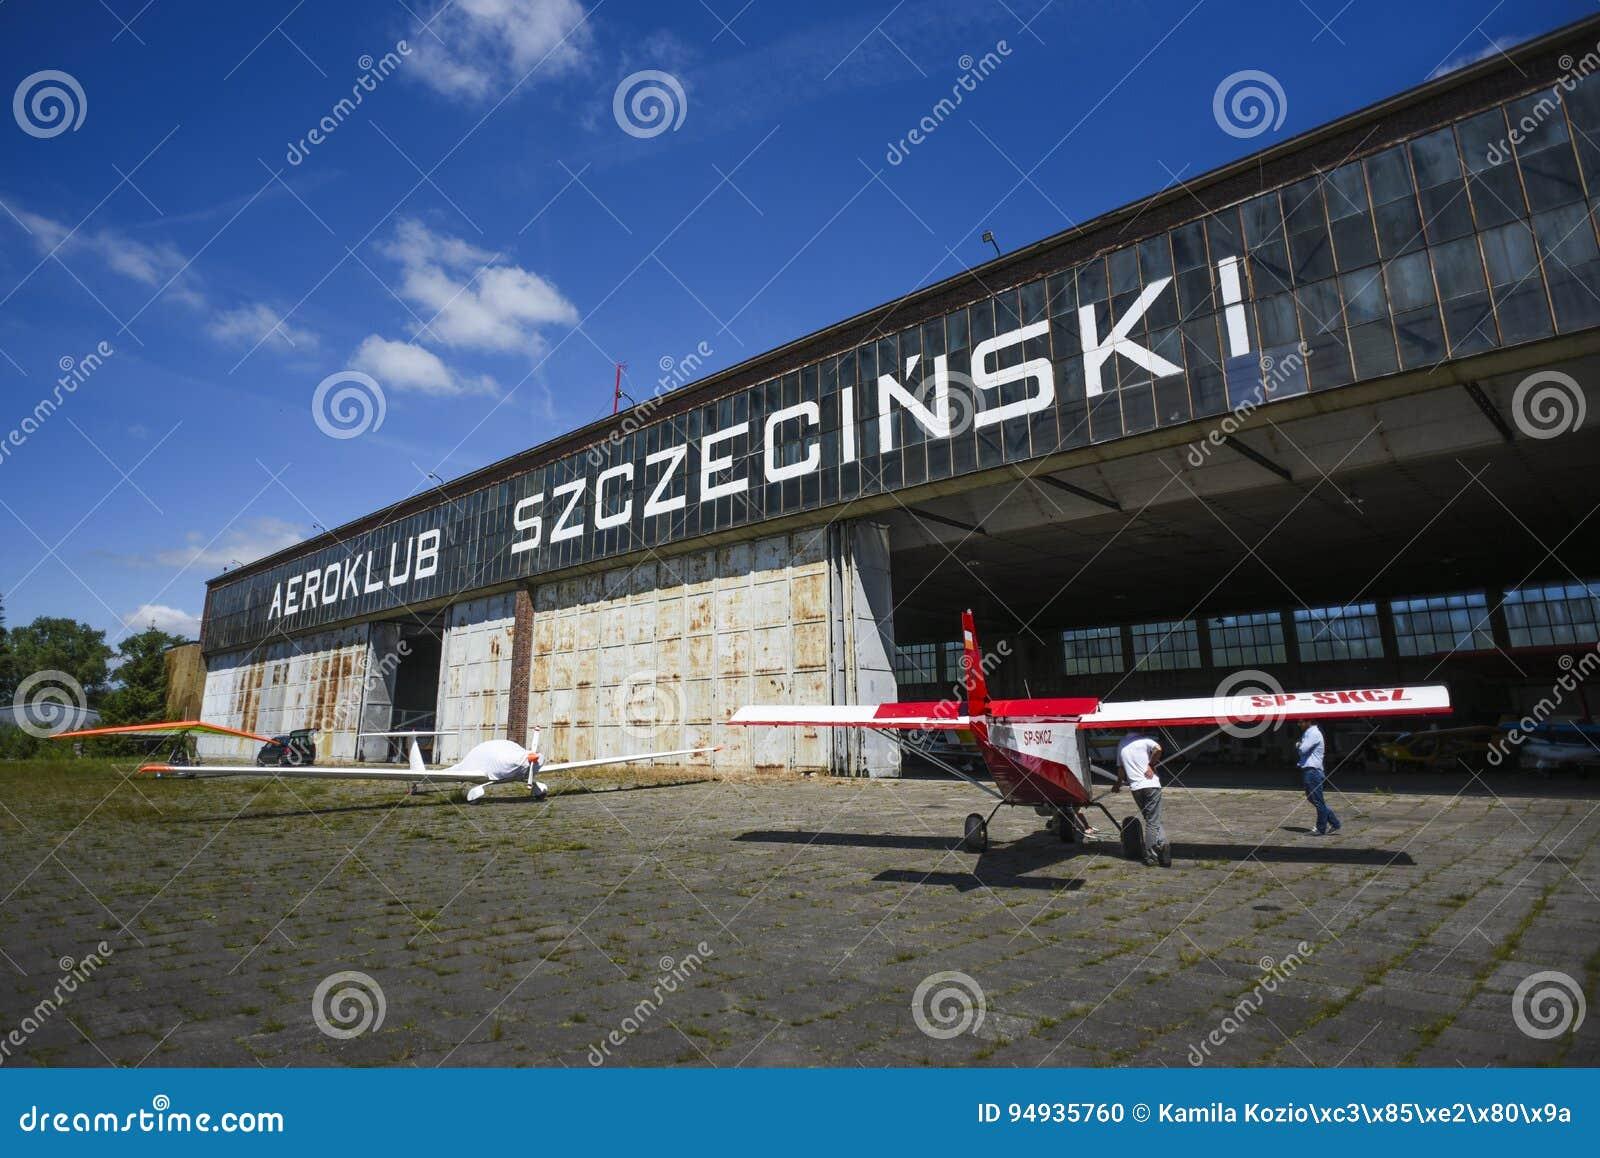 Szczeciński, Polska, Czerwiec 18, 2017: Aiplane hangar w Szczecińskim, Po